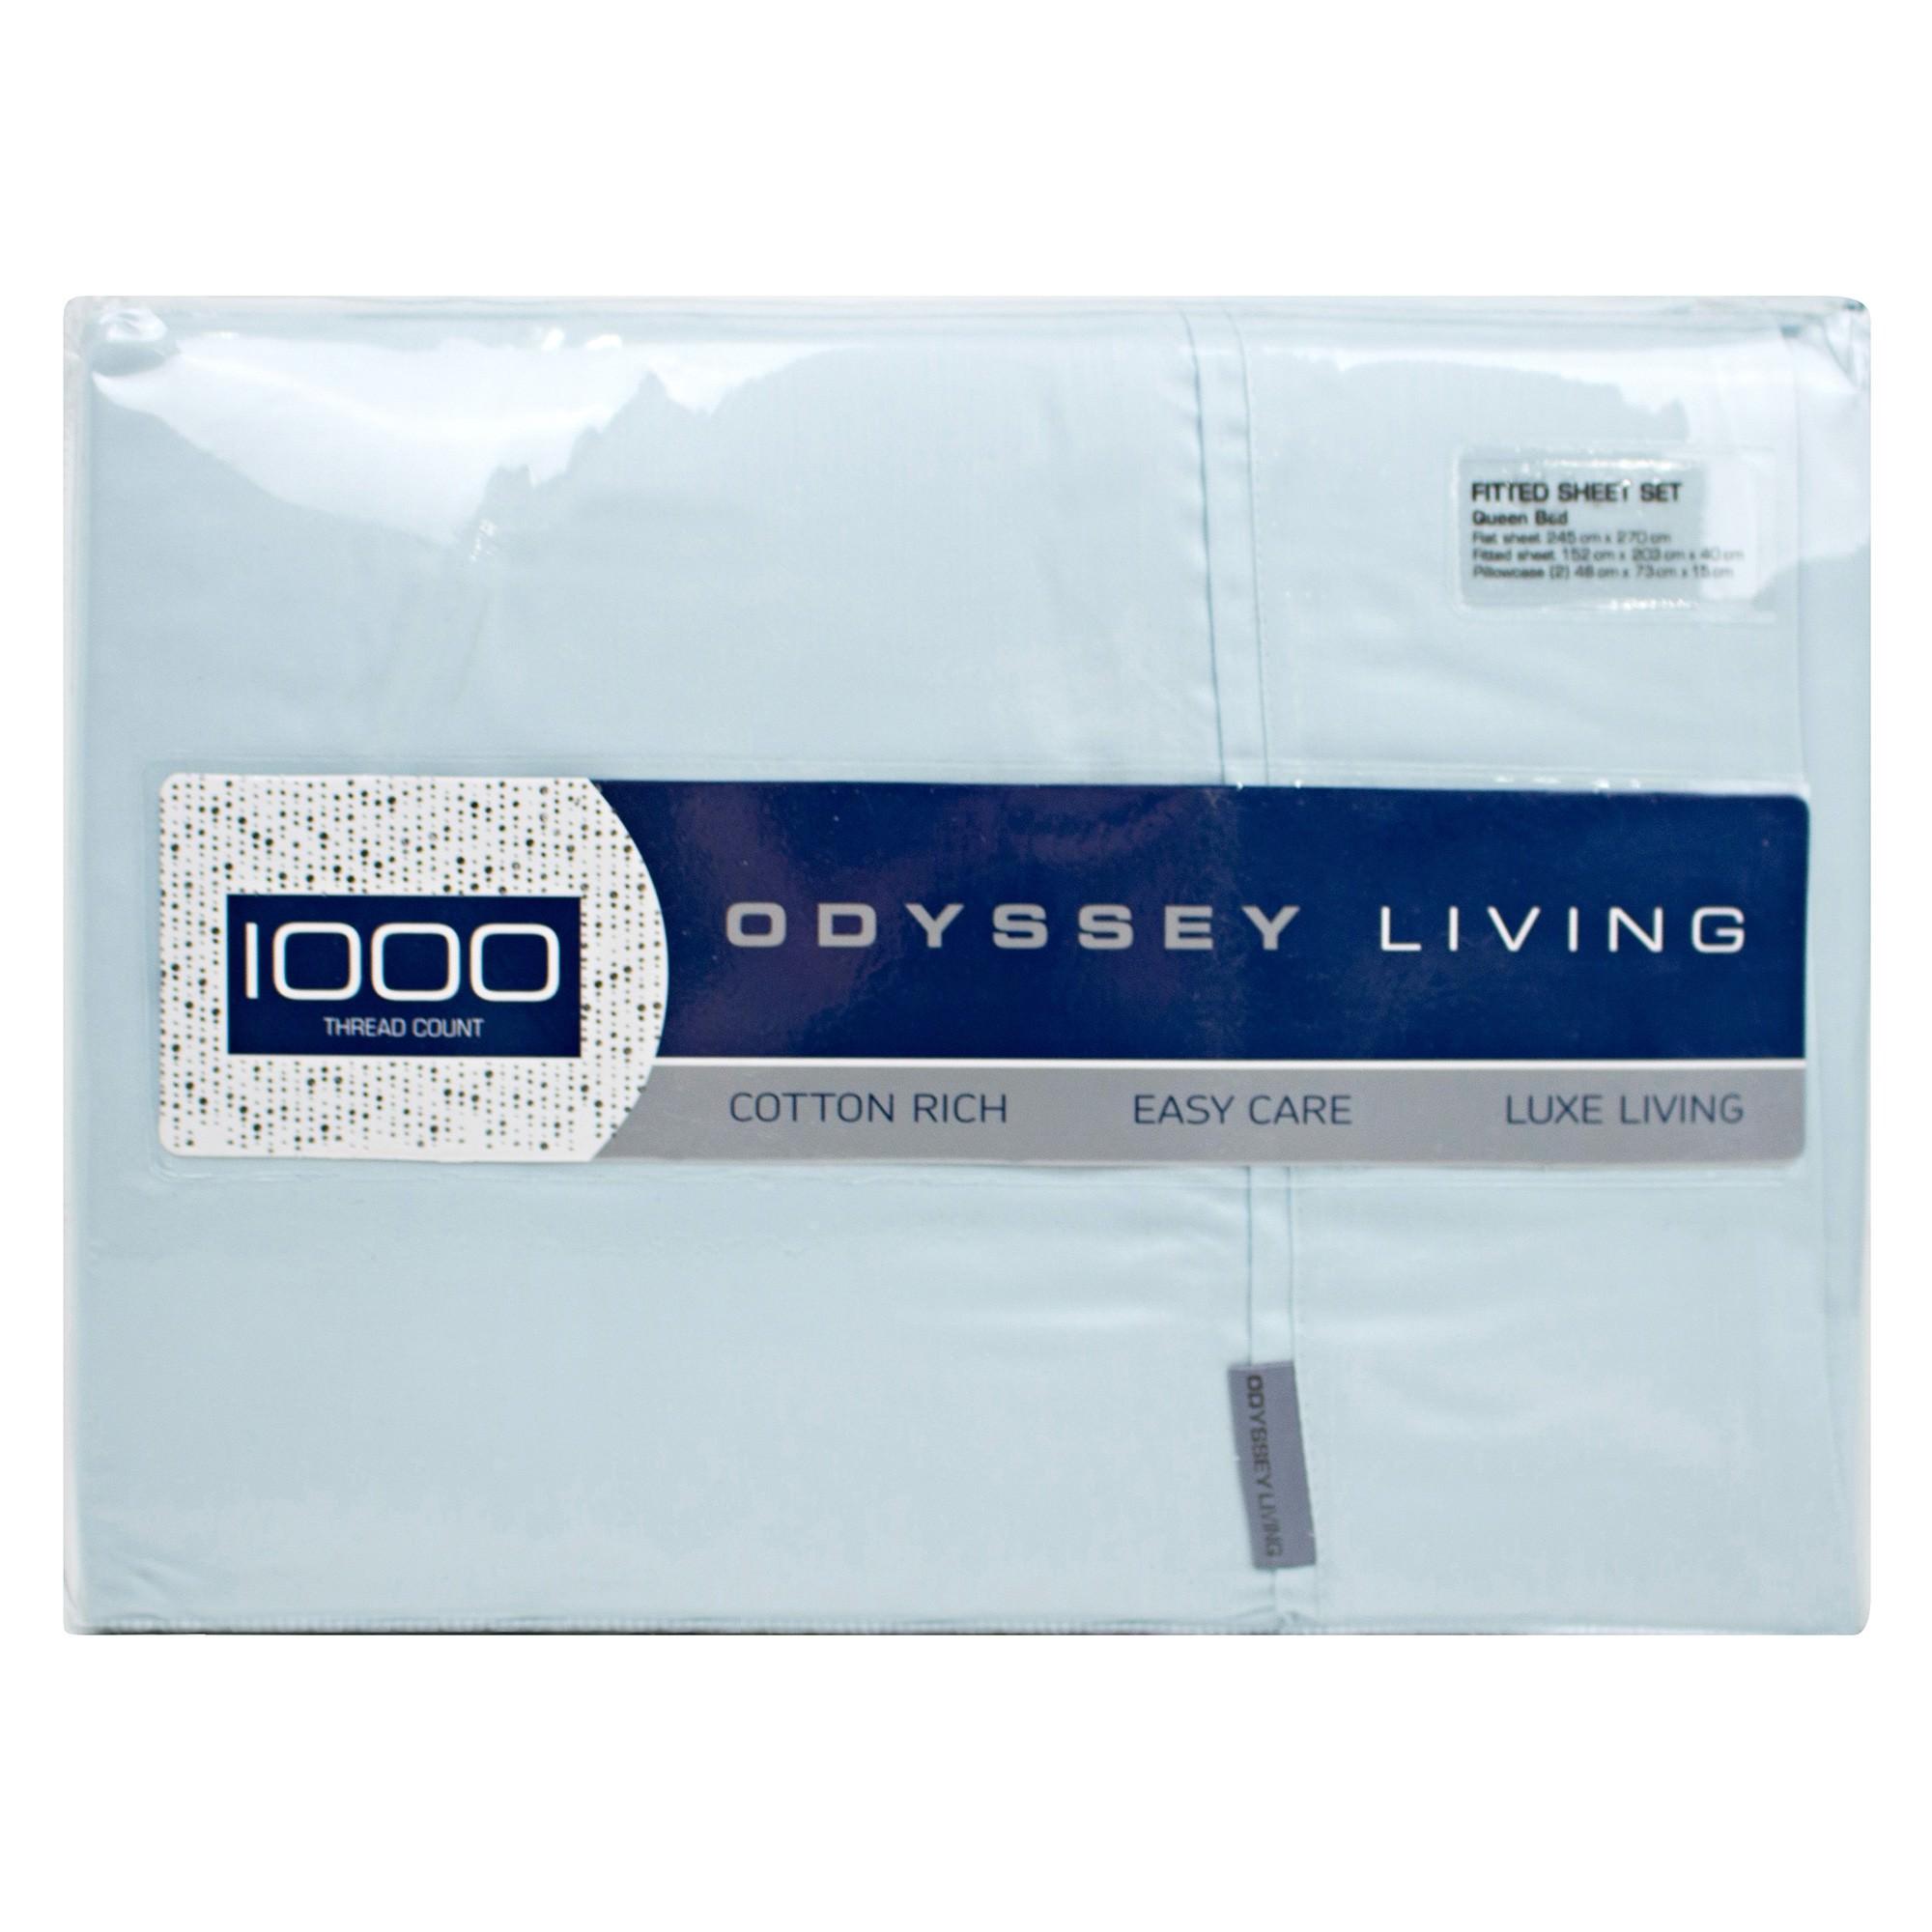 Odyssey Living 1000TC Cotton Rich Sheet Set, Double, Harbour Mist